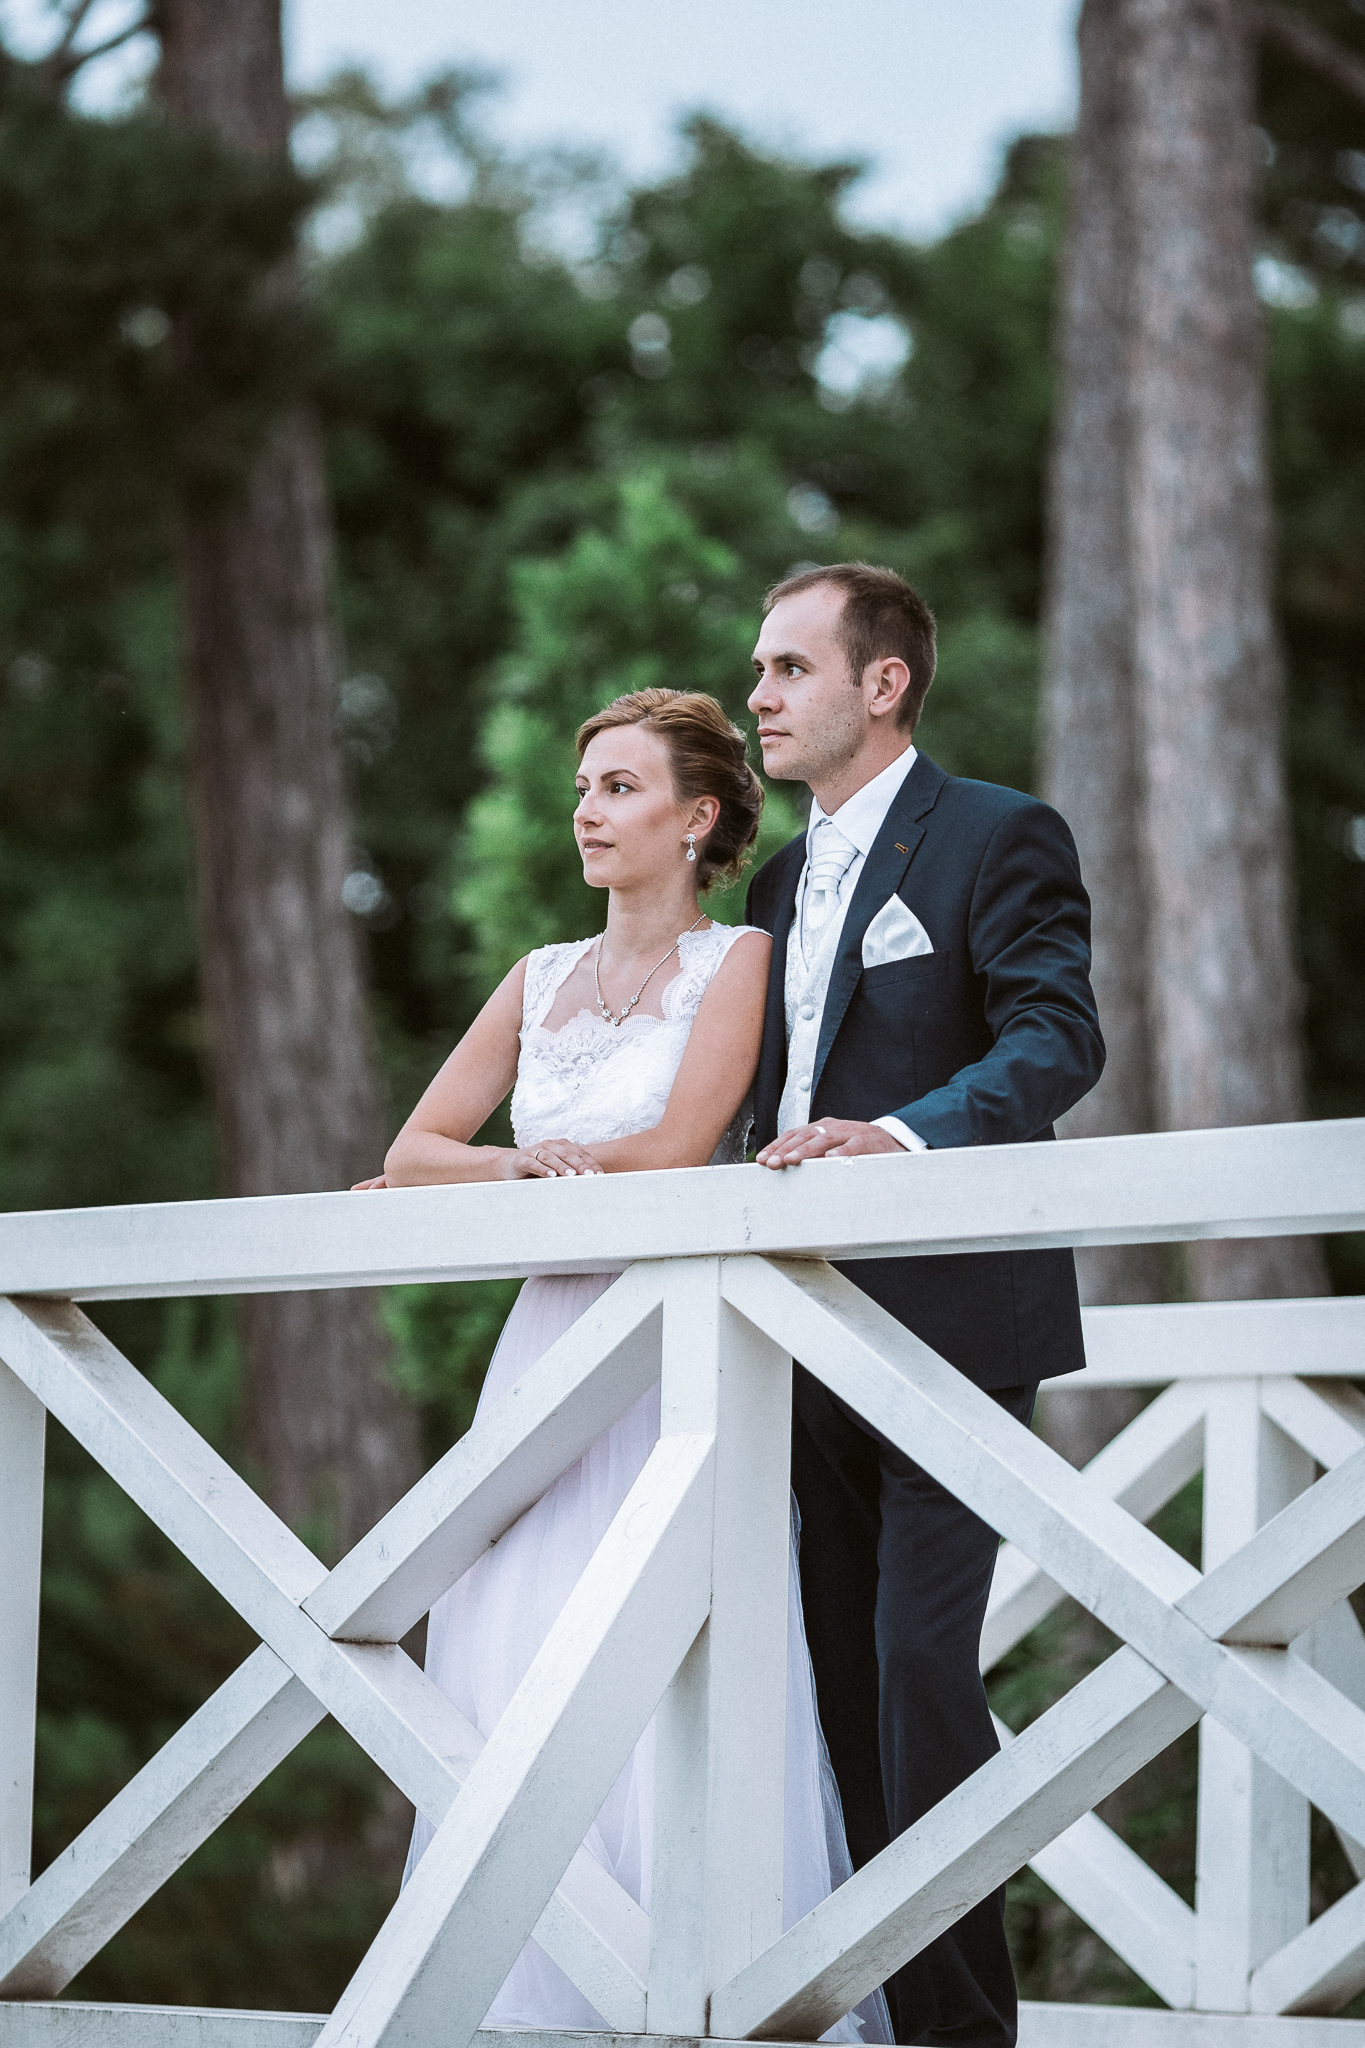 FylepPhoto, esküvőfotós, esküvői fotós Körmend, Szombathely, esküvőfotózás, magyarország, vas megye, prémium, jegyesfotózás, Fülöp Péter, körmend, kreatív, fotográfus_39-2.jpg